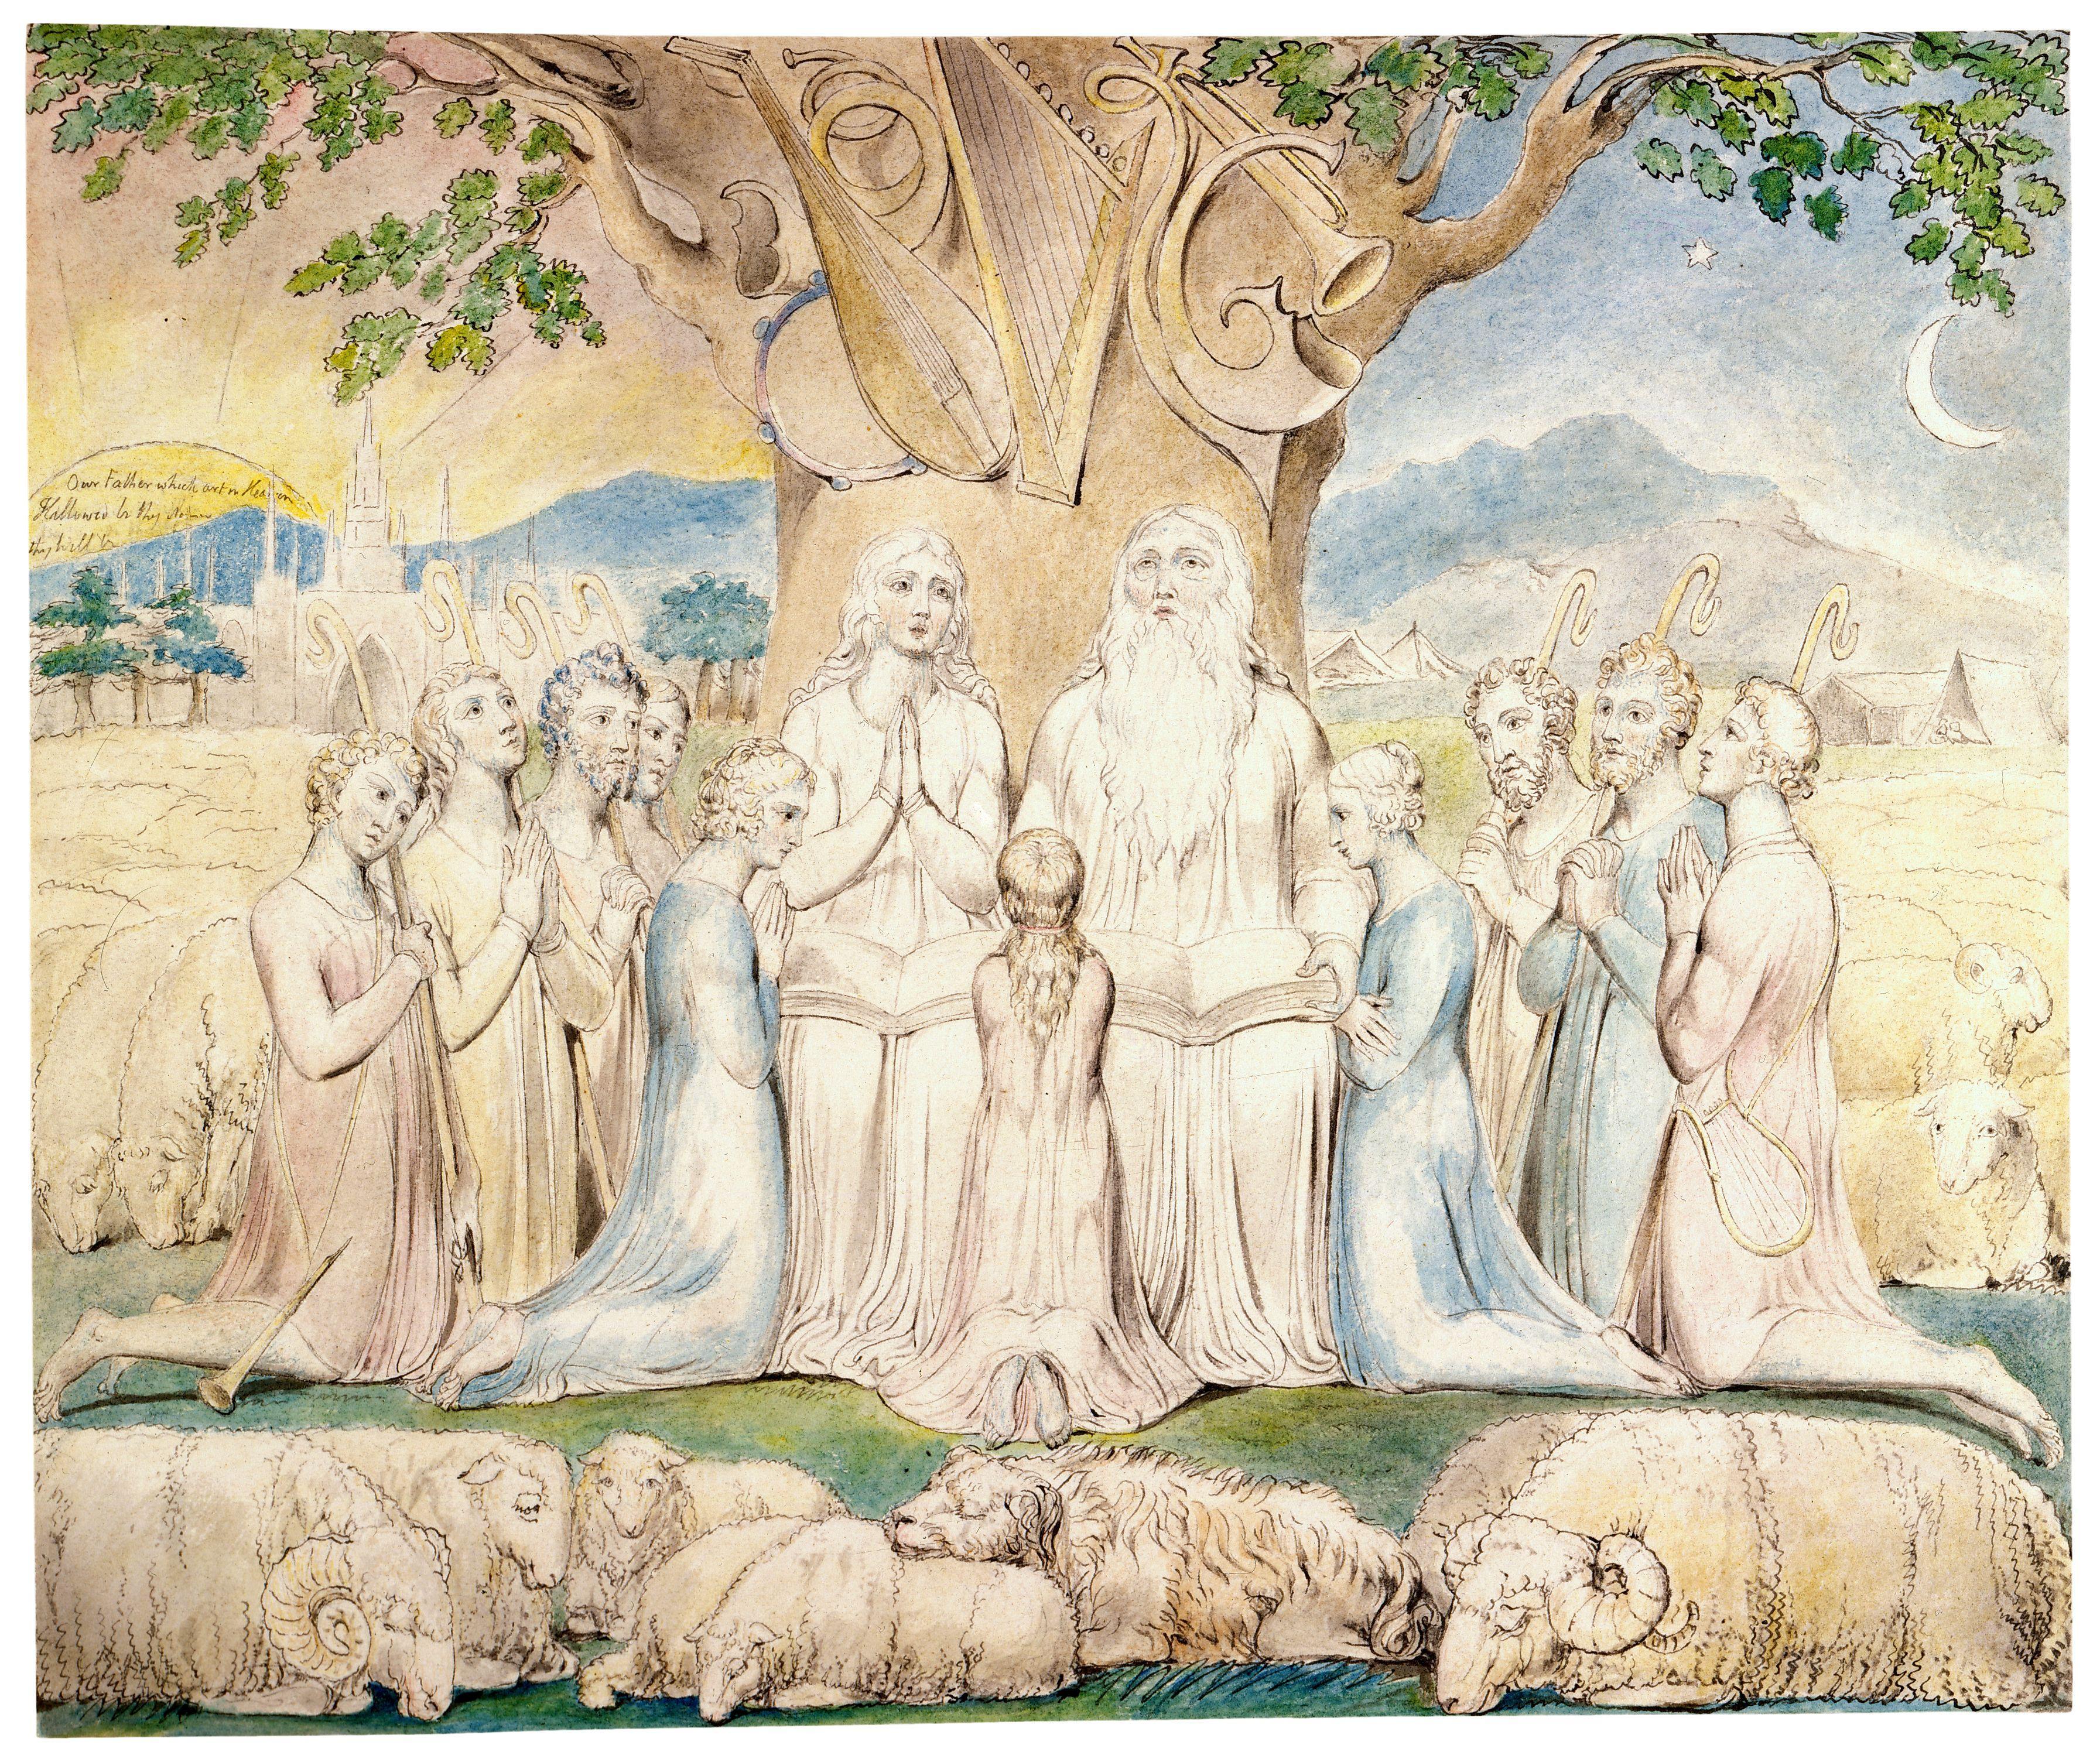 上图:英国诗人、画家威廉·布莱克(William Blake,1757-1827年)的版画《约伯和他的家庭 Job and his family》,描绘「约伯常常这样行」(伯一5)。